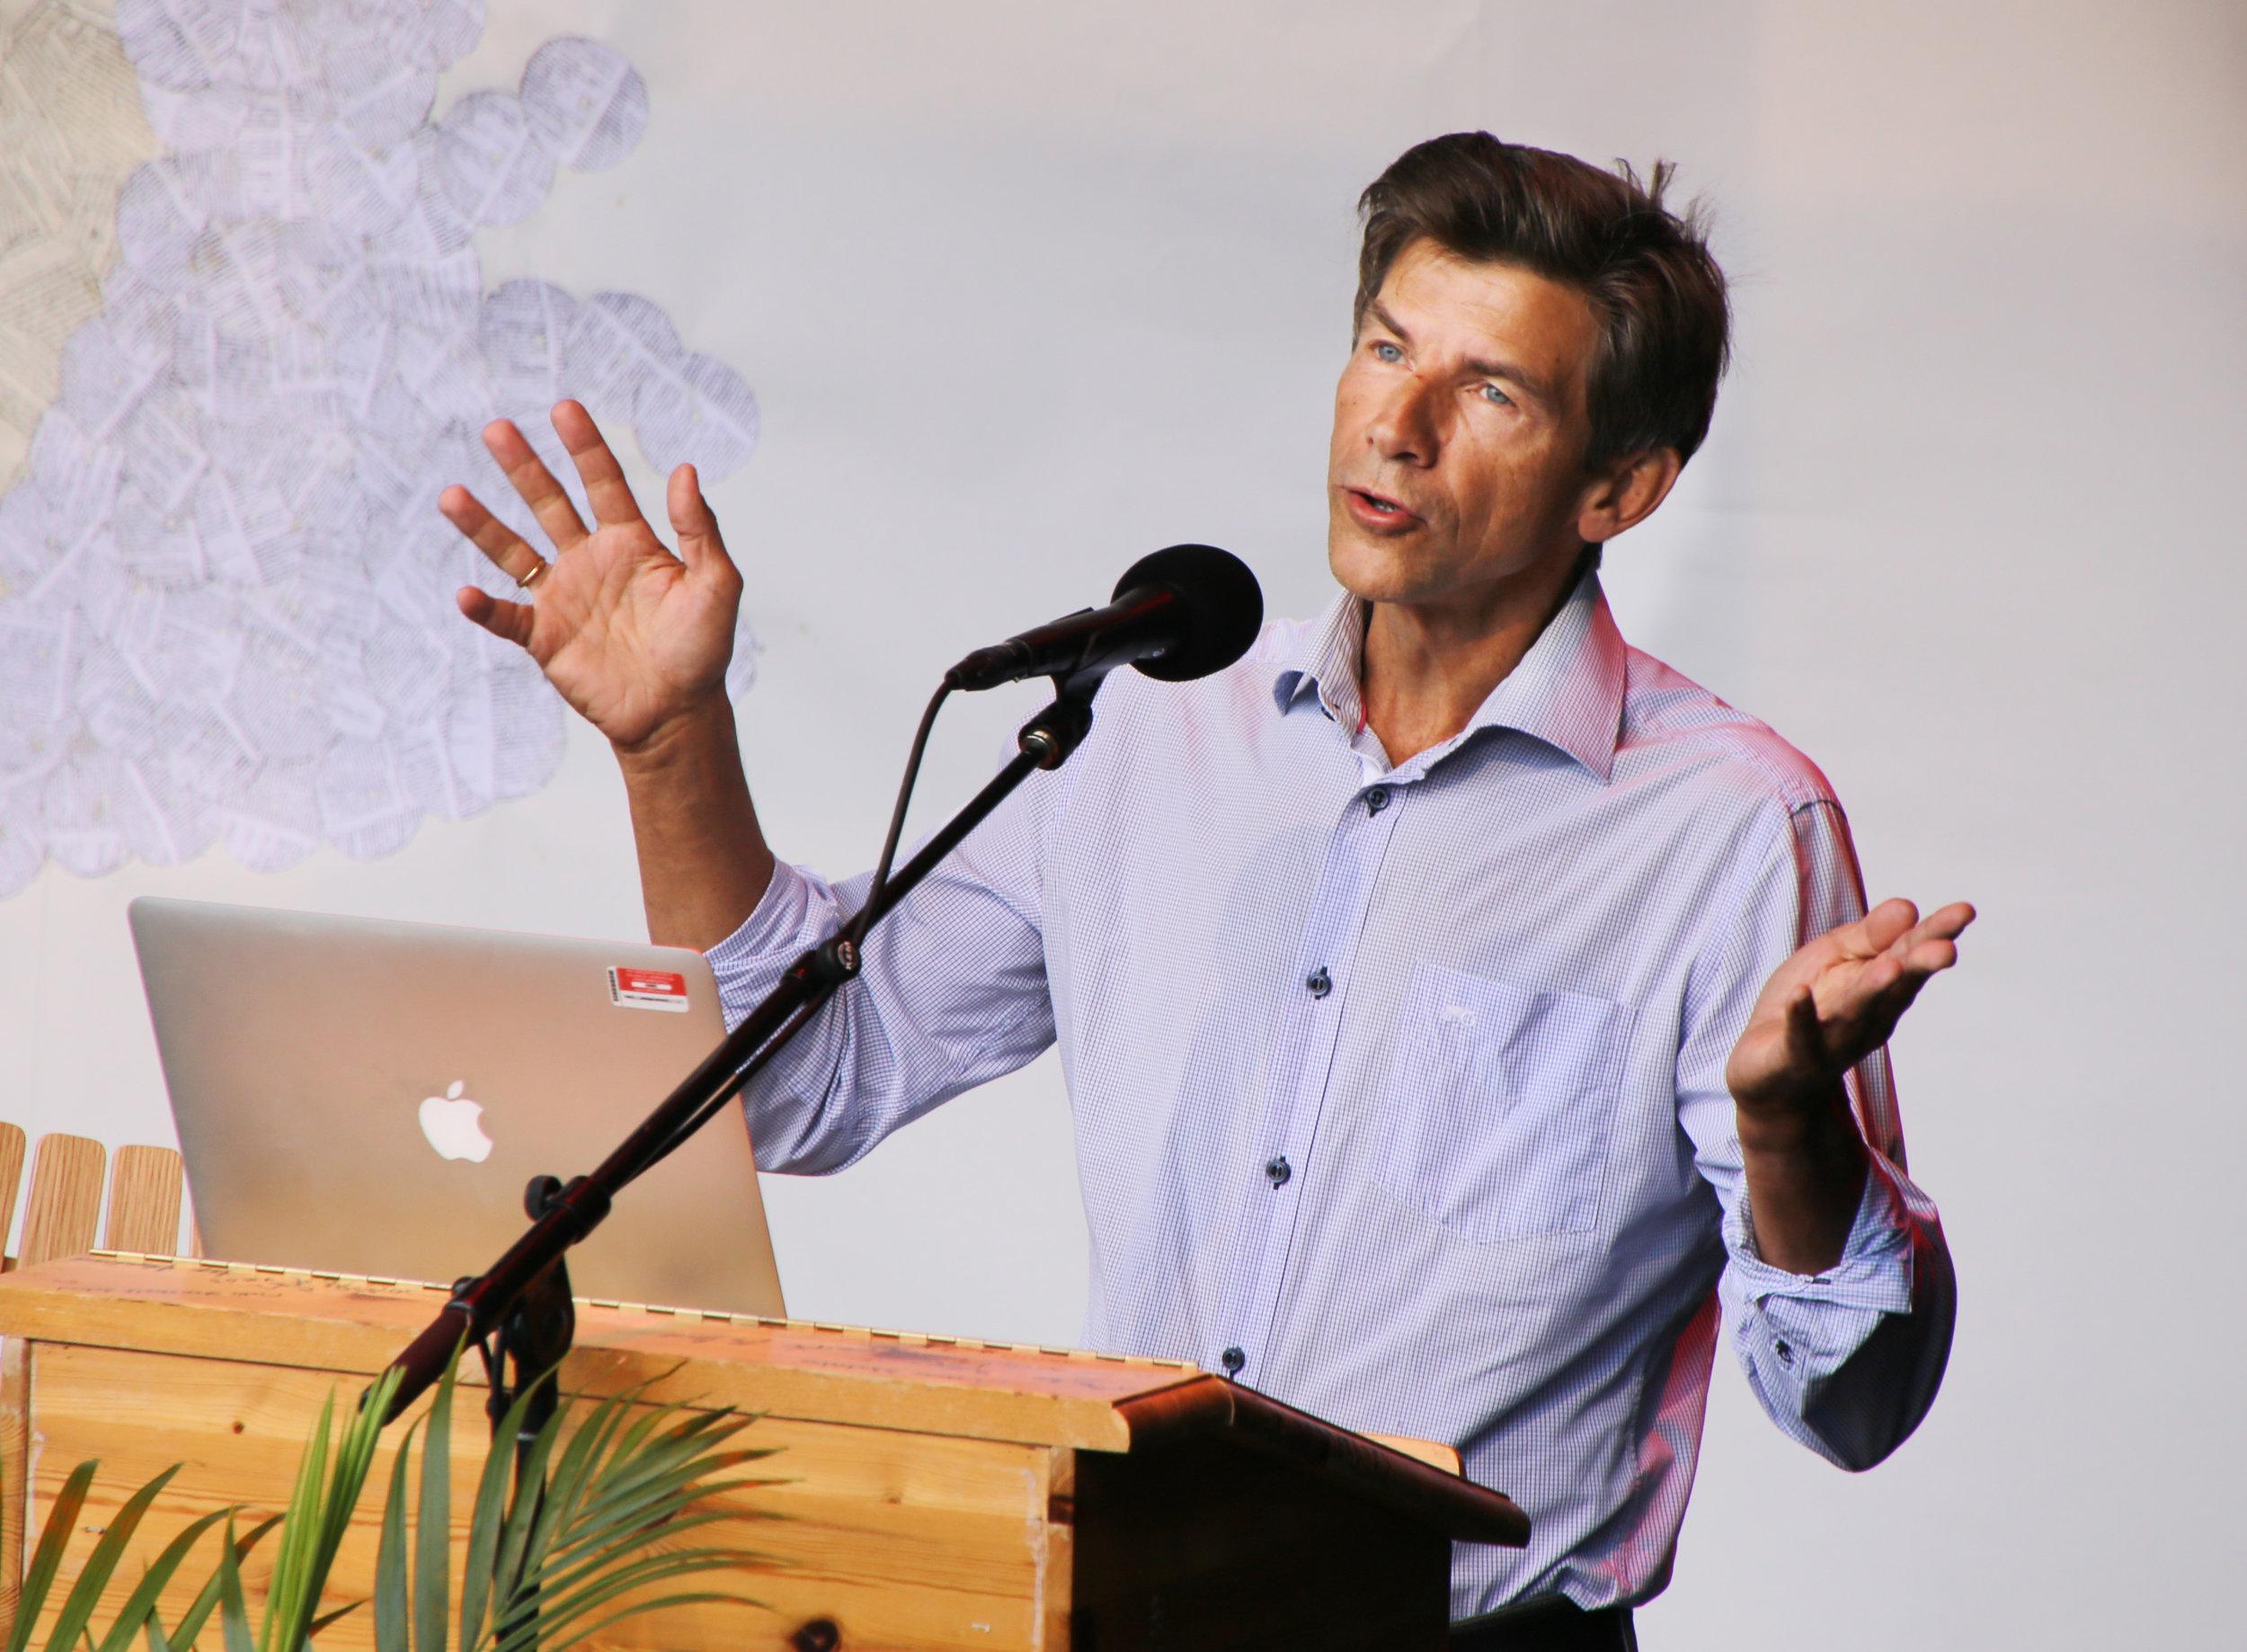 Professor i biologi, Dag O. Hessen mener at det er stor verdi i den urørte naturen.Foto: Sven Erik Skarsbø